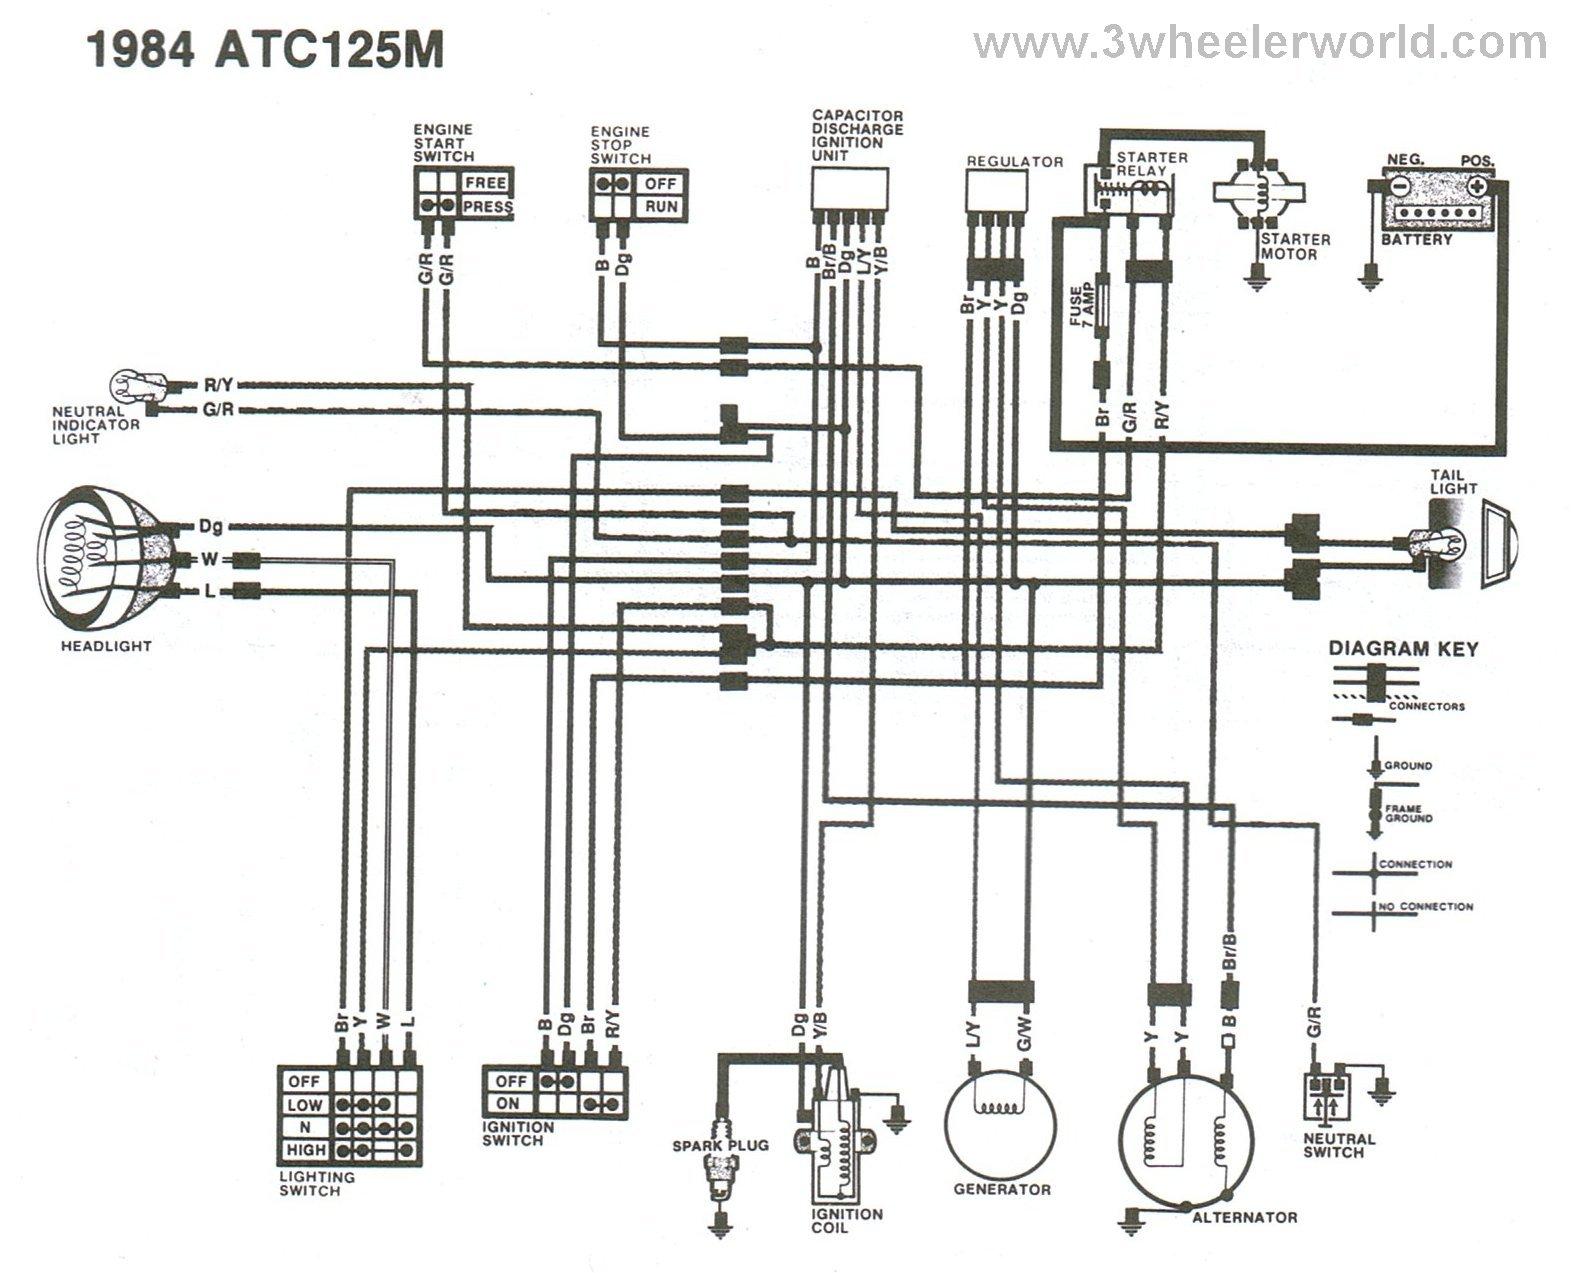 Unique Tao Tao 110 Atv Wiring Diagram Ornament - Wiring Diagram ...